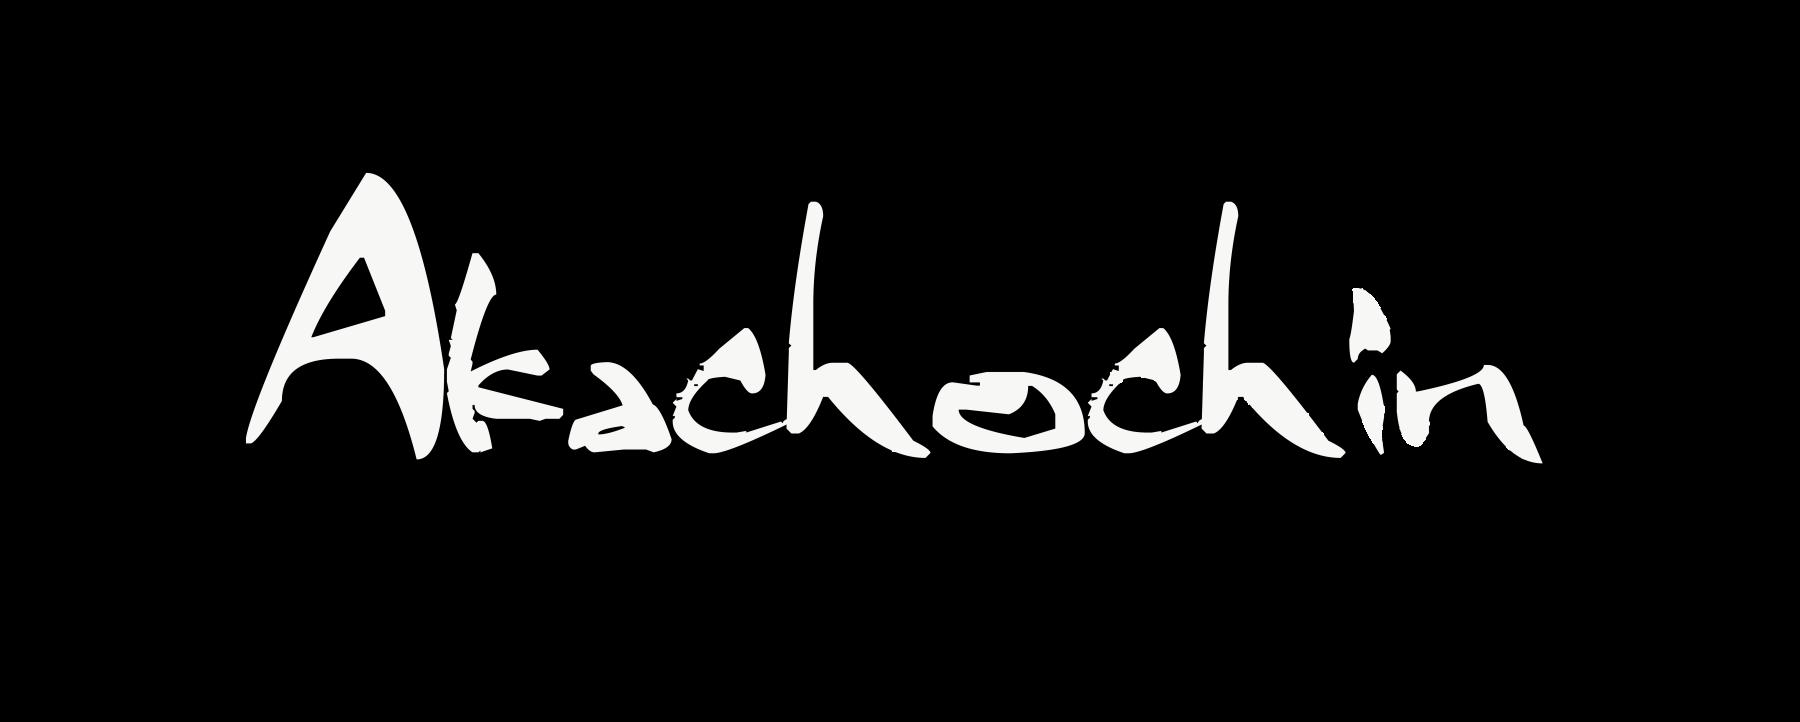 Akachochin